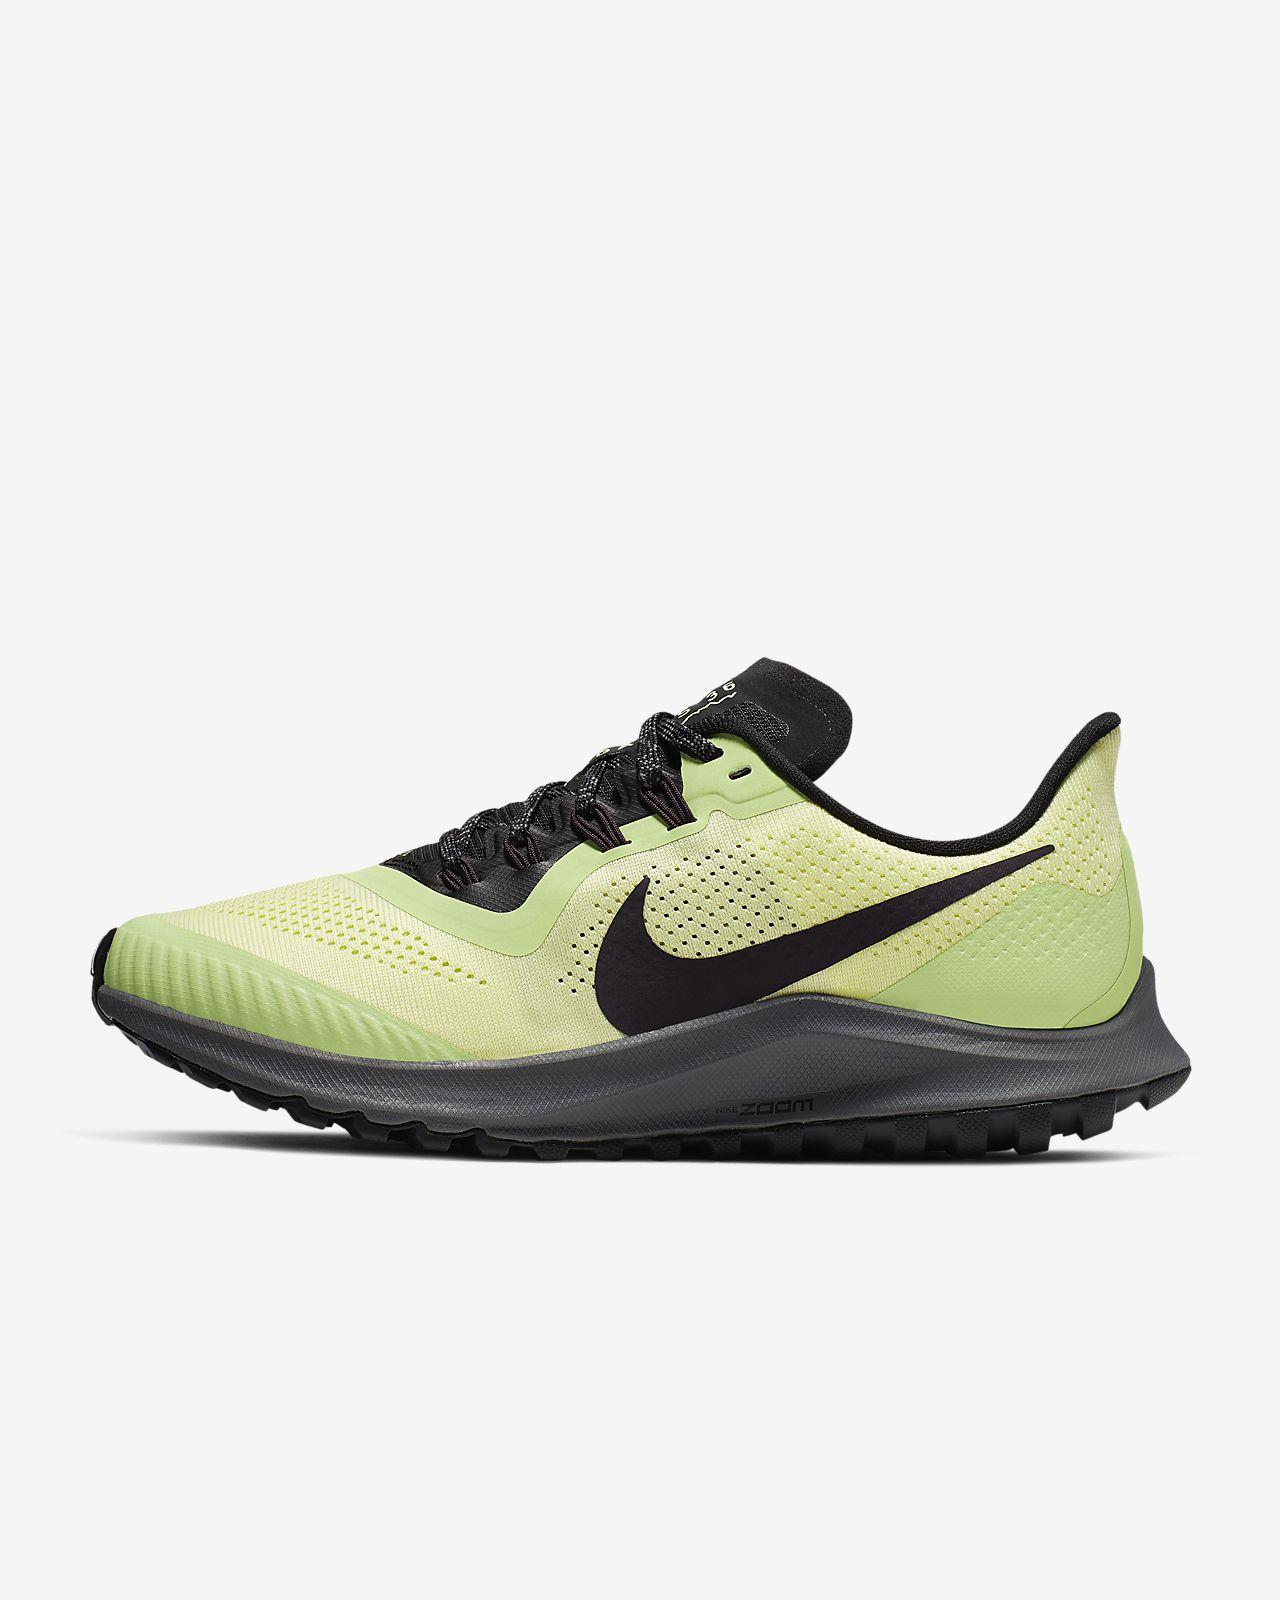 6c868af0fce Nike Air Zoom Pegasus 36 Trail Women's Running Shoe